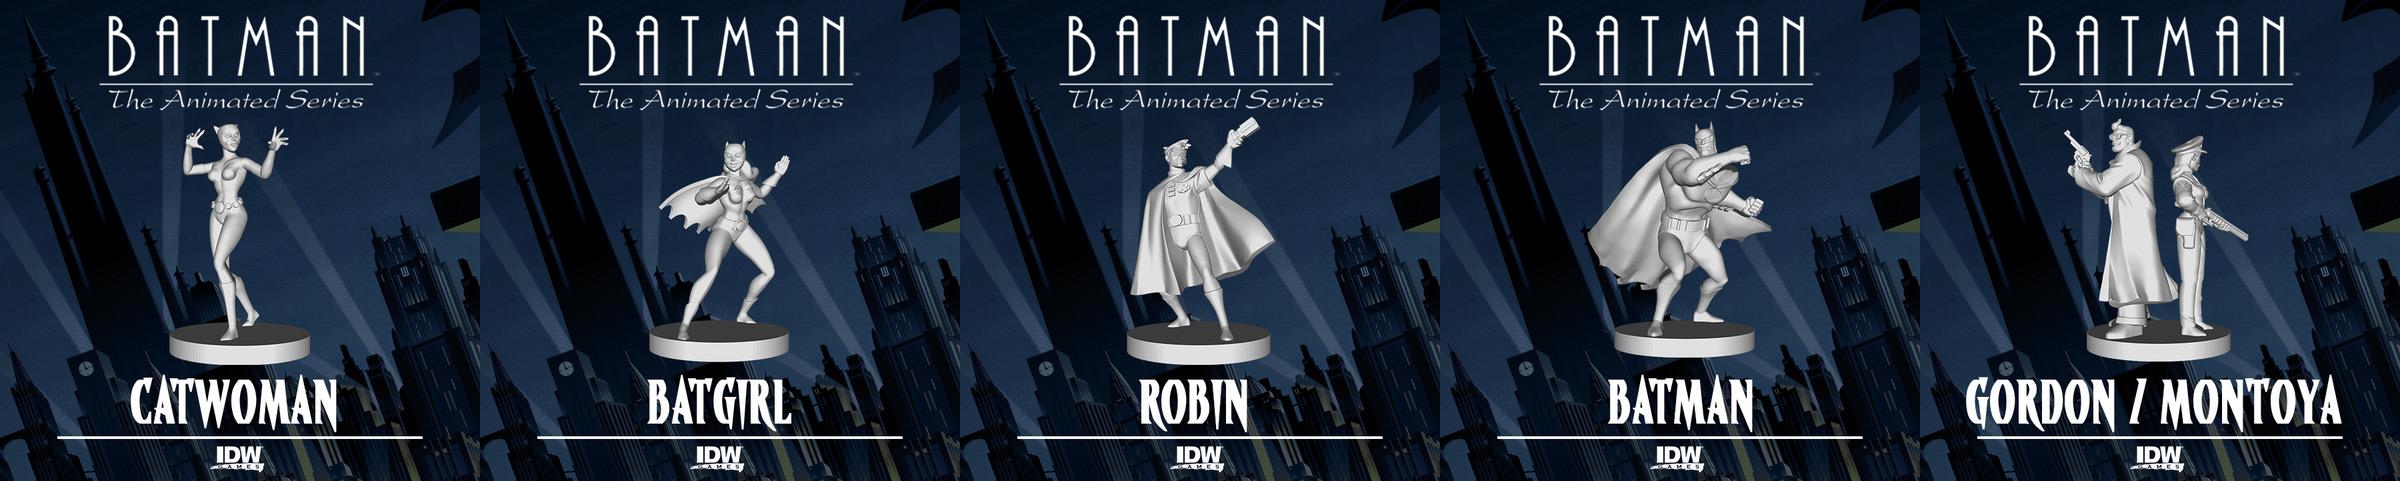 Batman Animated Series Gotham Under Siege